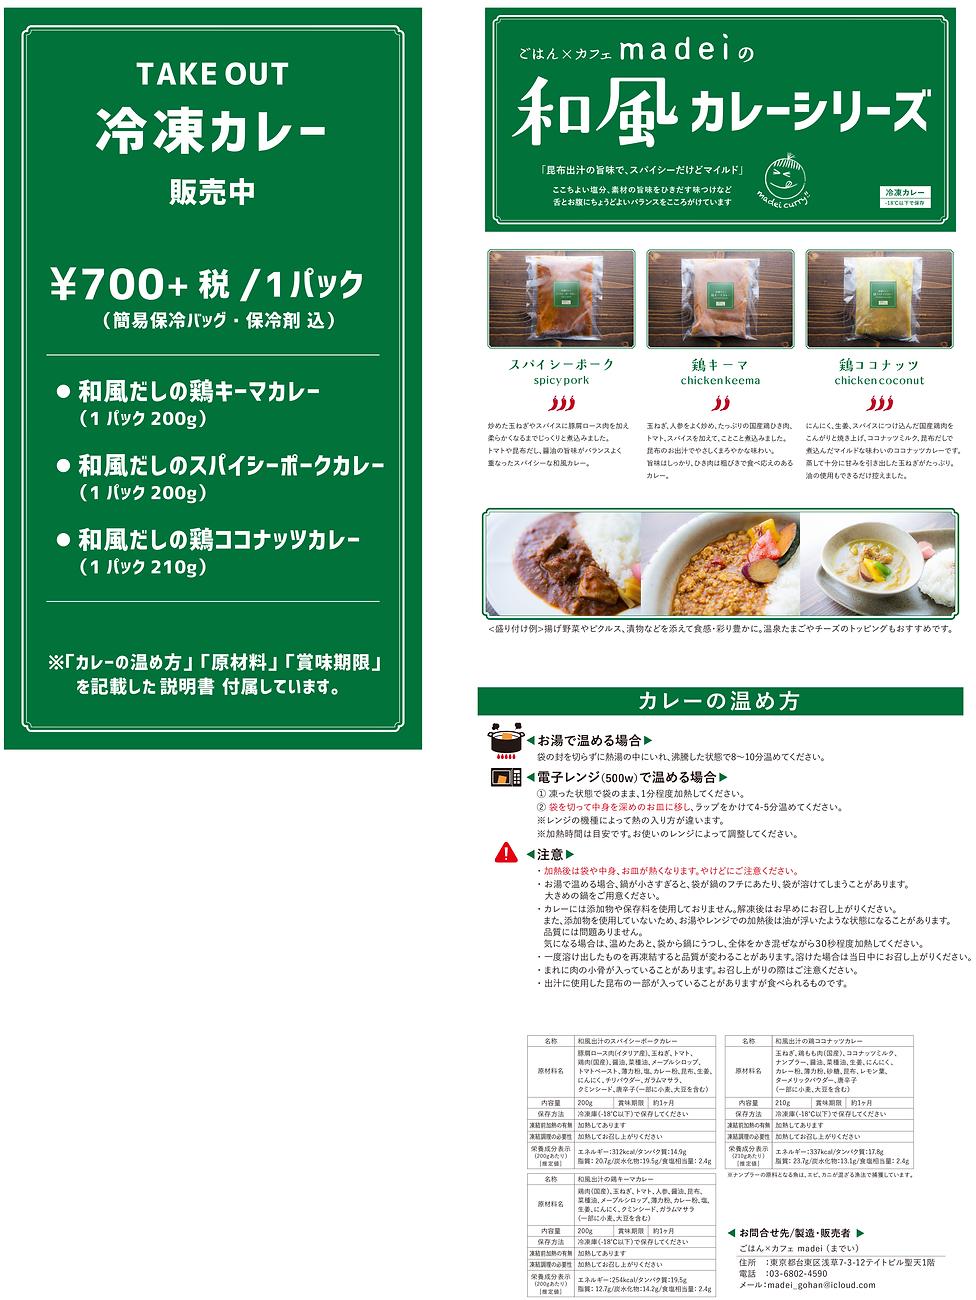 冷凍カレー詳細.png